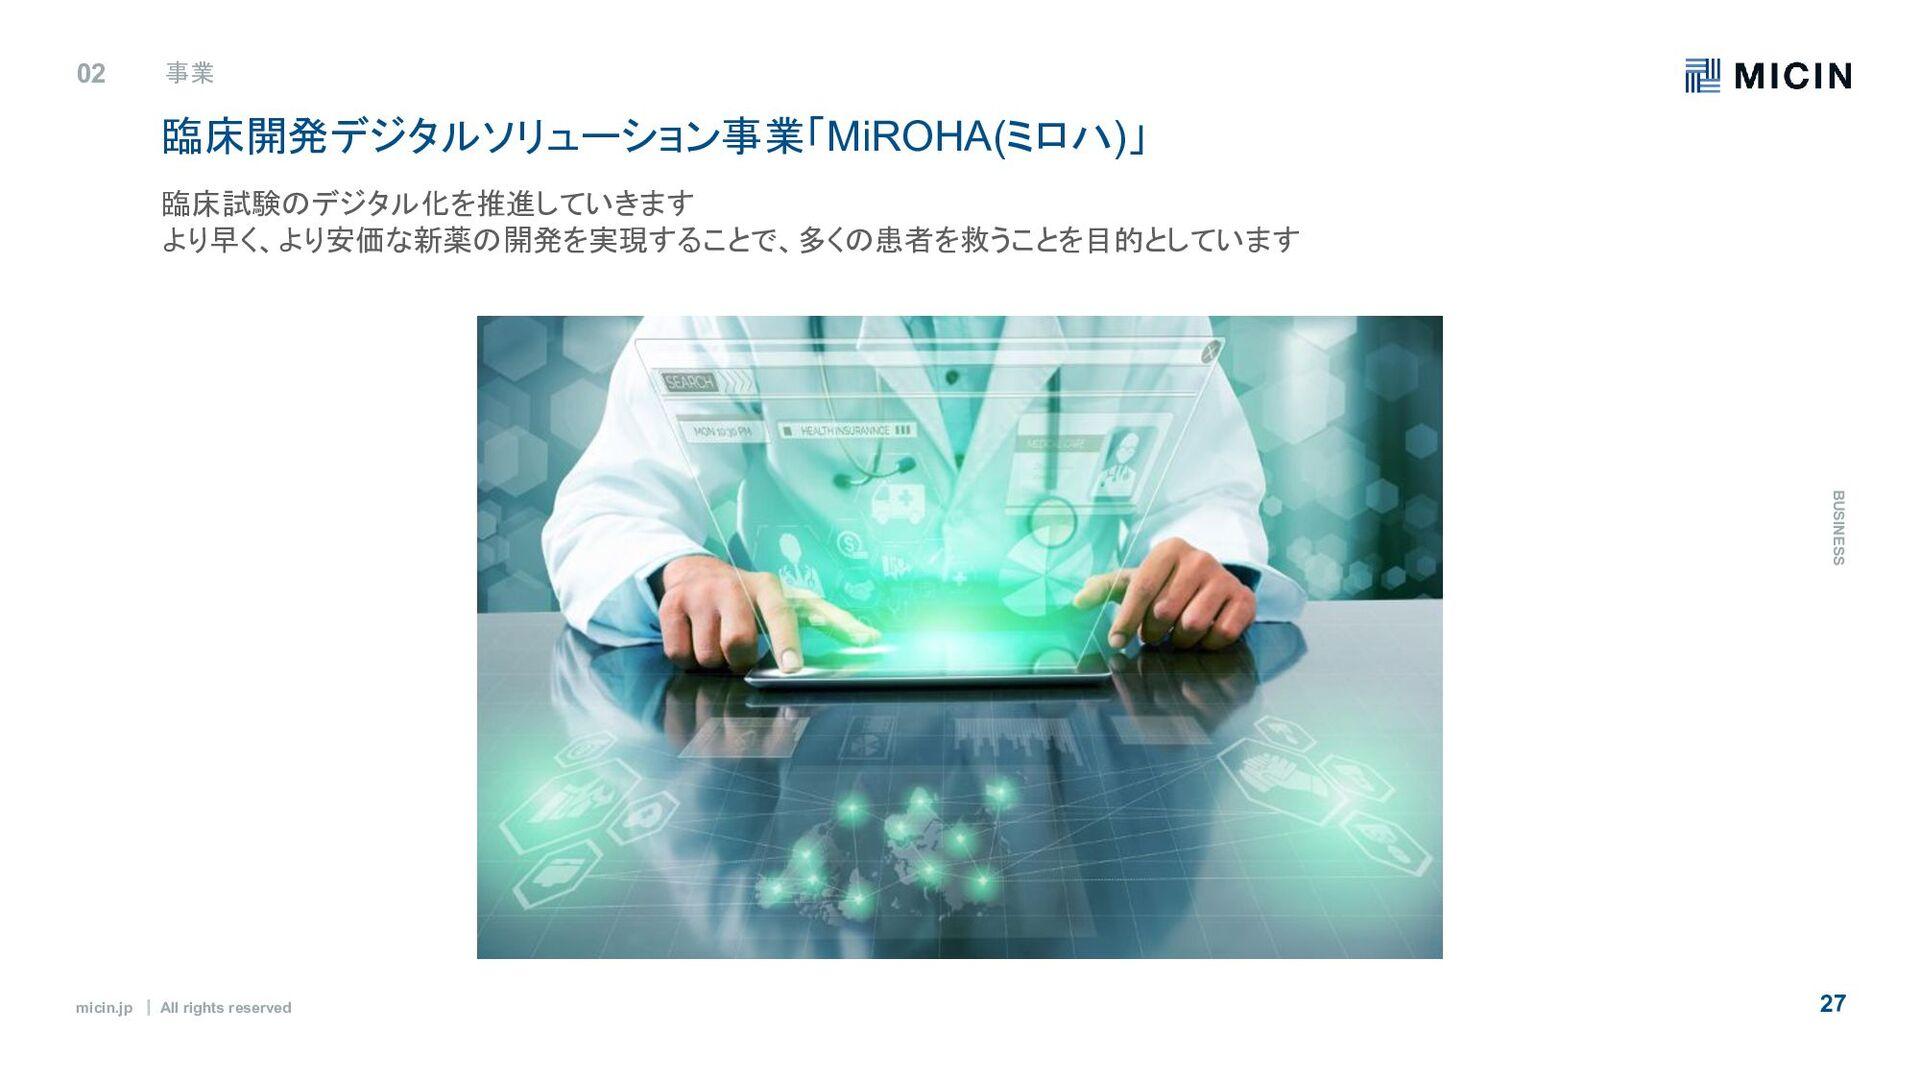 micin.jp ʛ All rights reserved 27 02 ۀ B U S I...